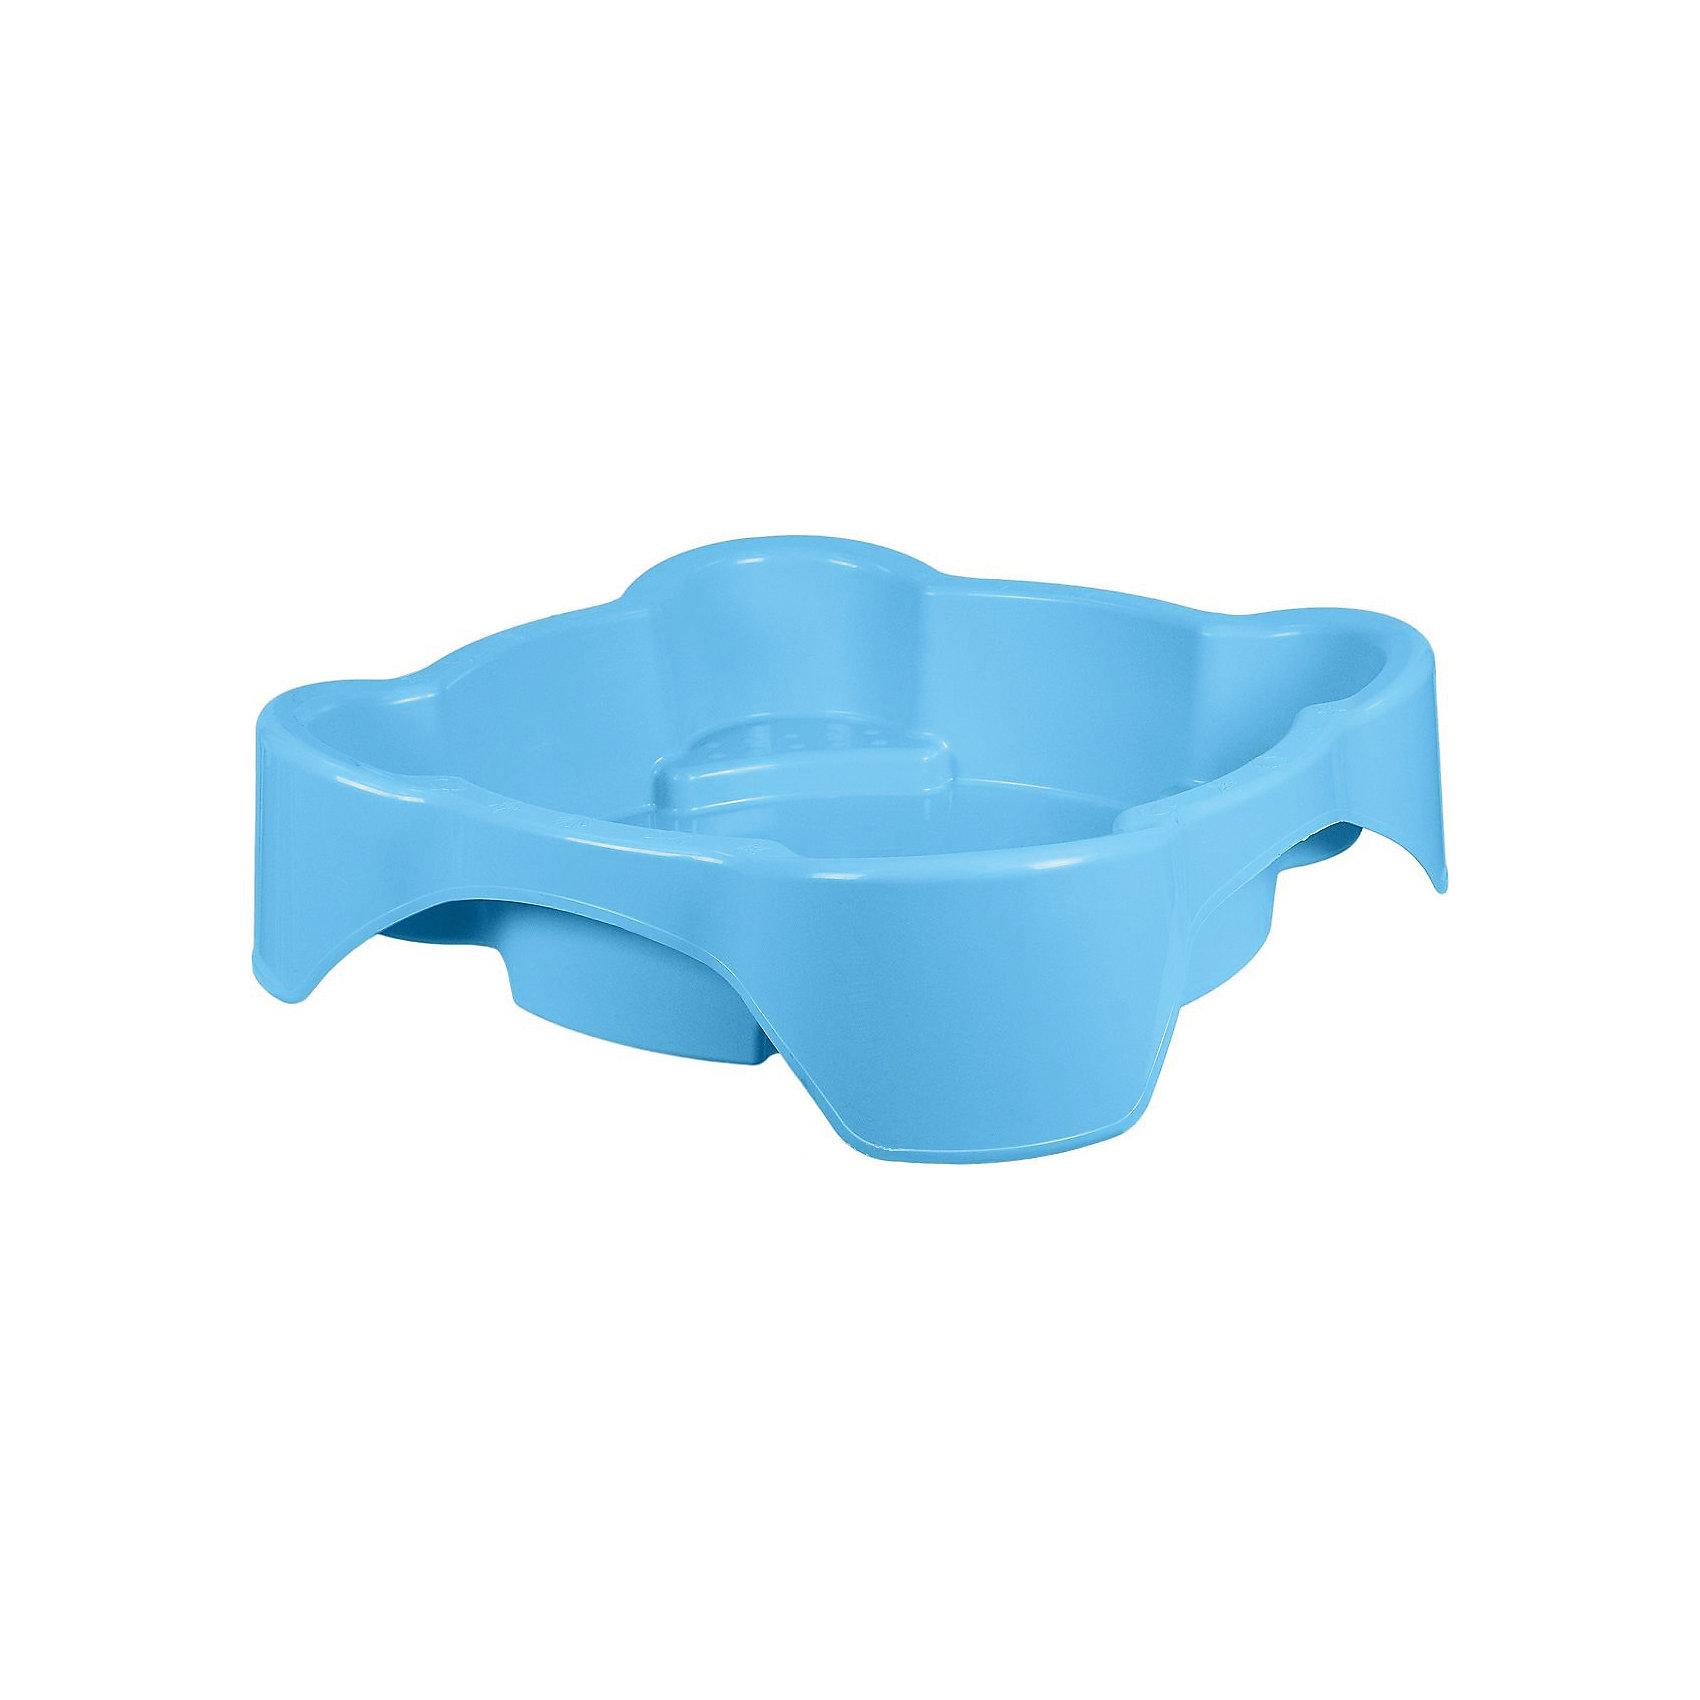 Песочница квадратная, голубая, MarianplastИграем в песочнице<br>Квадратная песочница Marianpalast - это яркая и красочная песочница, незаменимая для игр на воздухе.<br><br>У песочницы высокий бортик - 25 см, поэтому её можно использовать как песочницу и как бассейн. Песочница Marianpalast прочная и вместительная, поэтому в ней могут играть одновременно несколько малышей. <br><br>Дополнительная информация:<br><br>Размеры песочницы: 96 х 96 х 25 см.<br>Цвет: голубой.<br>Вес: 4 кг.<br><br>Ширина мм: 960<br>Глубина мм: 960<br>Высота мм: 250<br>Вес г: 3940<br>Возраст от месяцев: 216<br>Возраст до месяцев: 96<br>Пол: Унисекс<br>Возраст: Детский<br>SKU: 4860651